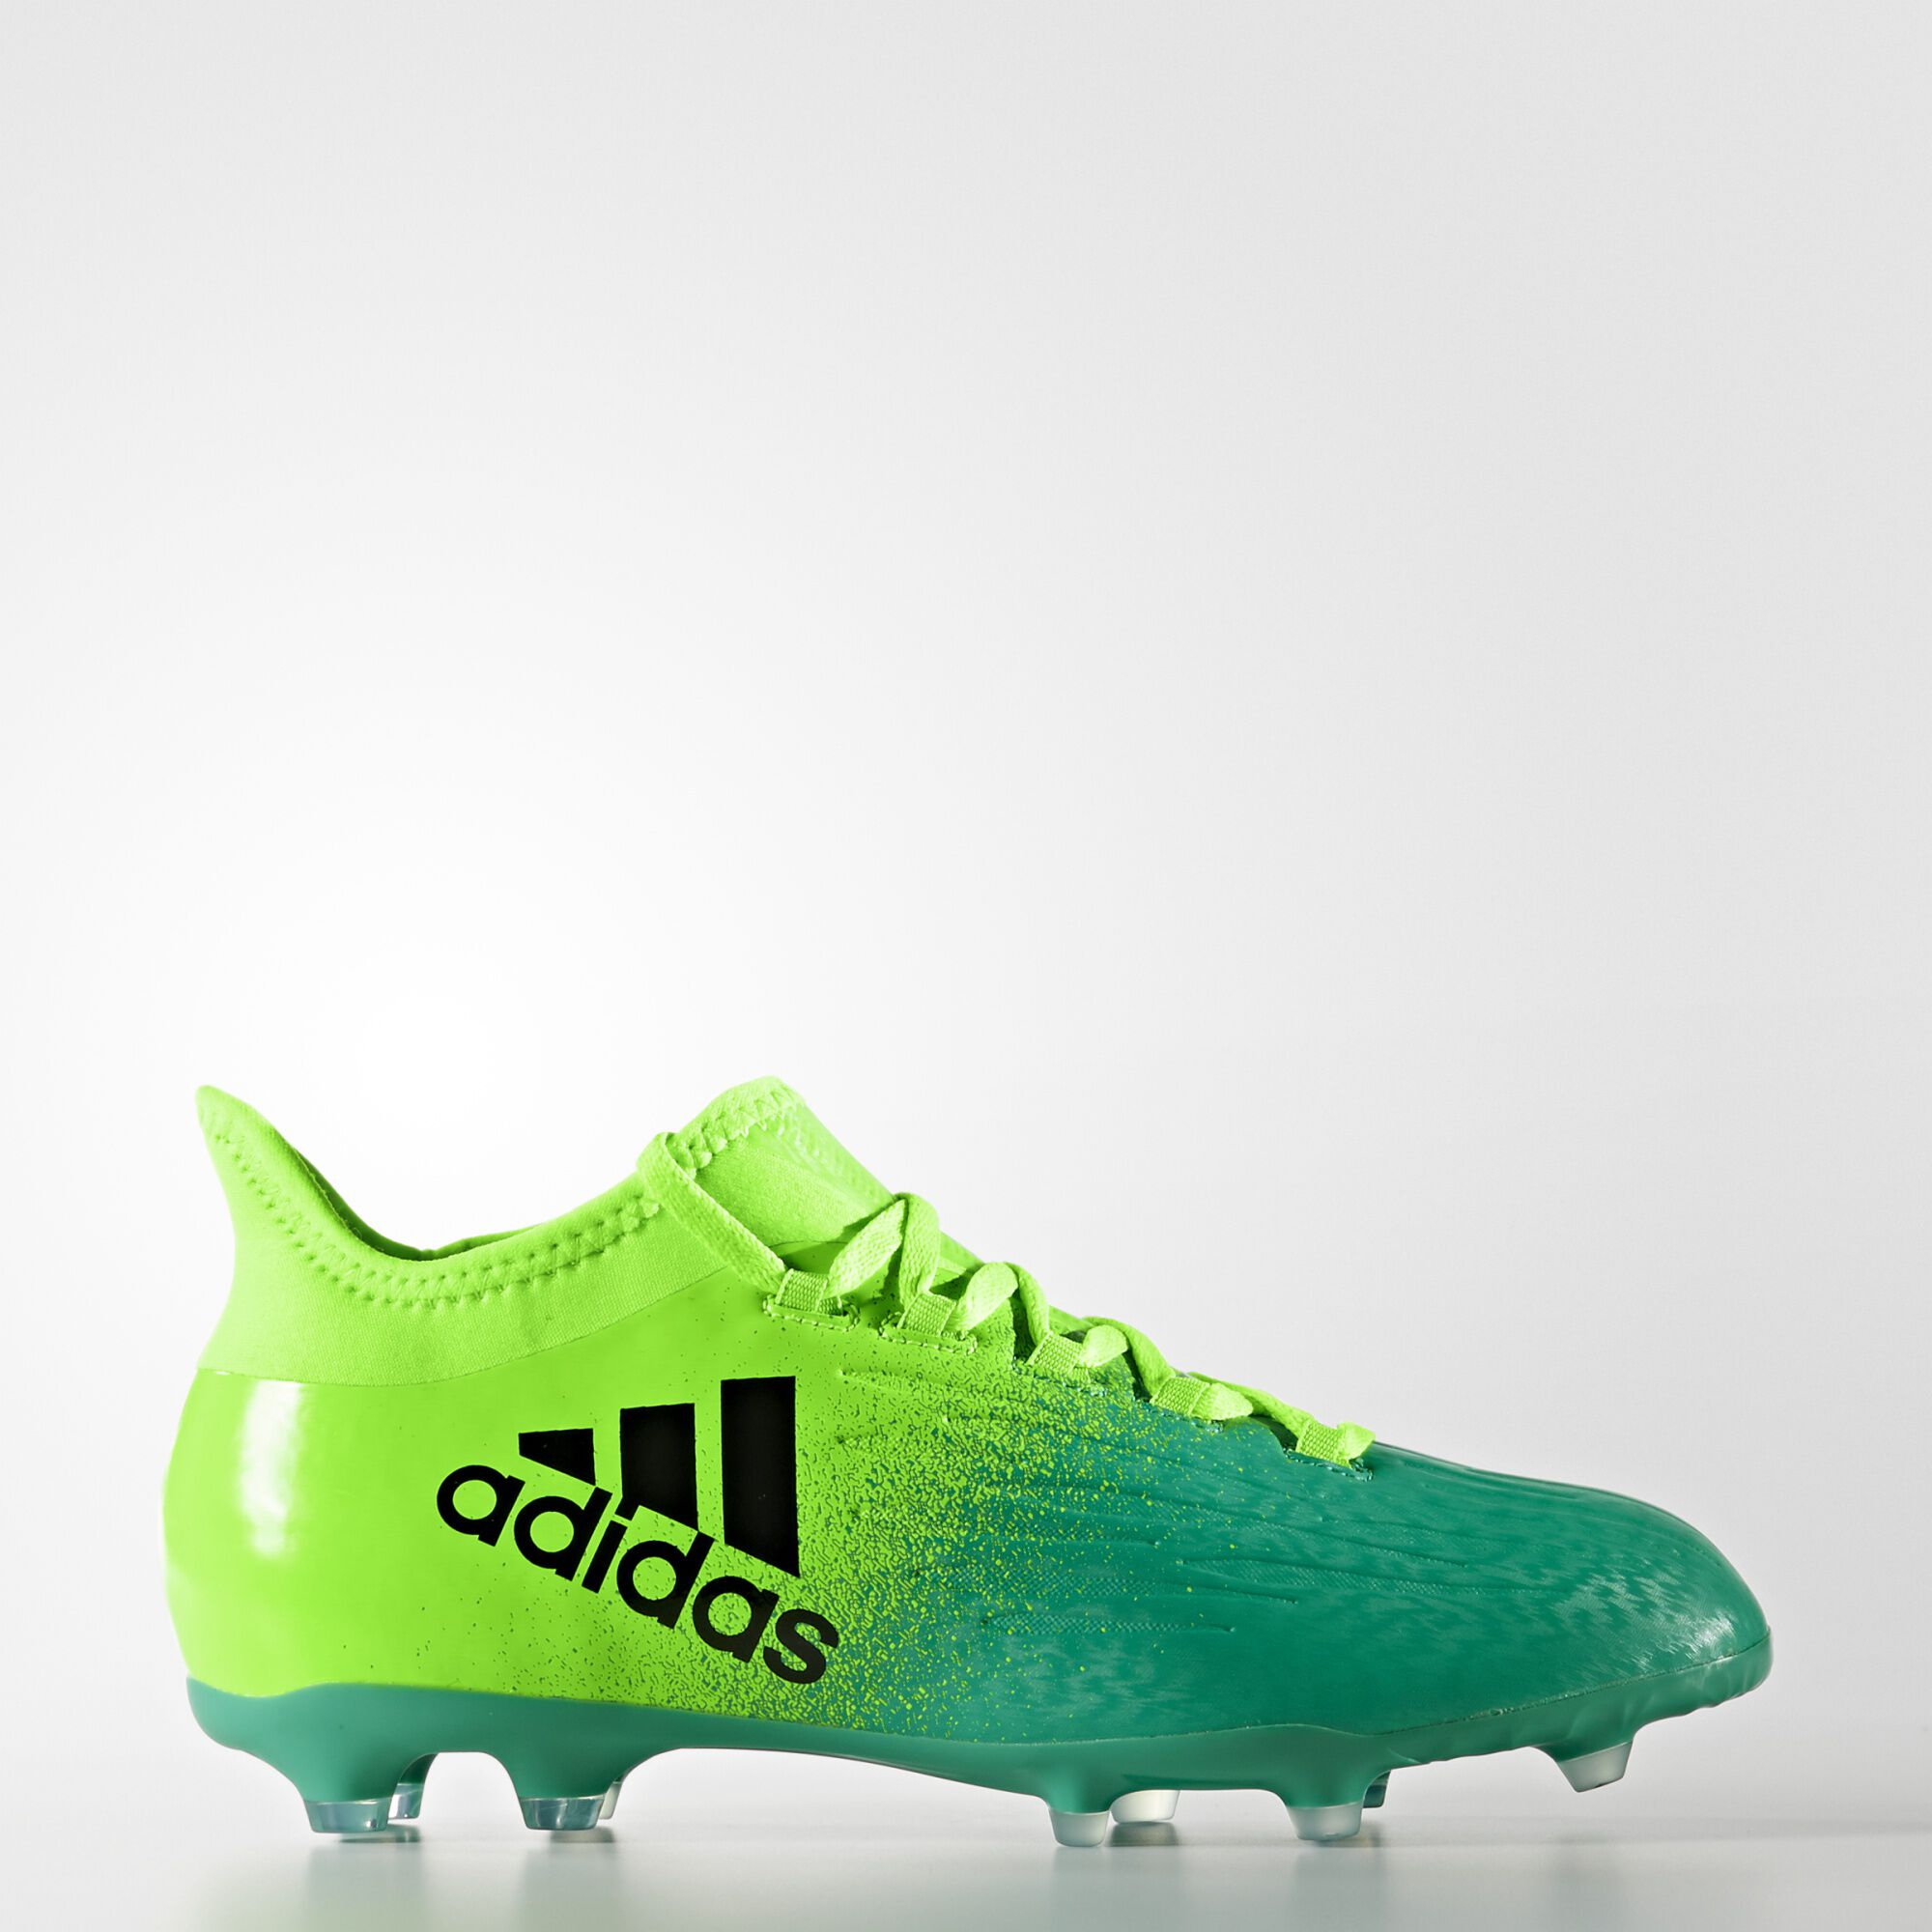 adidas foot enfant